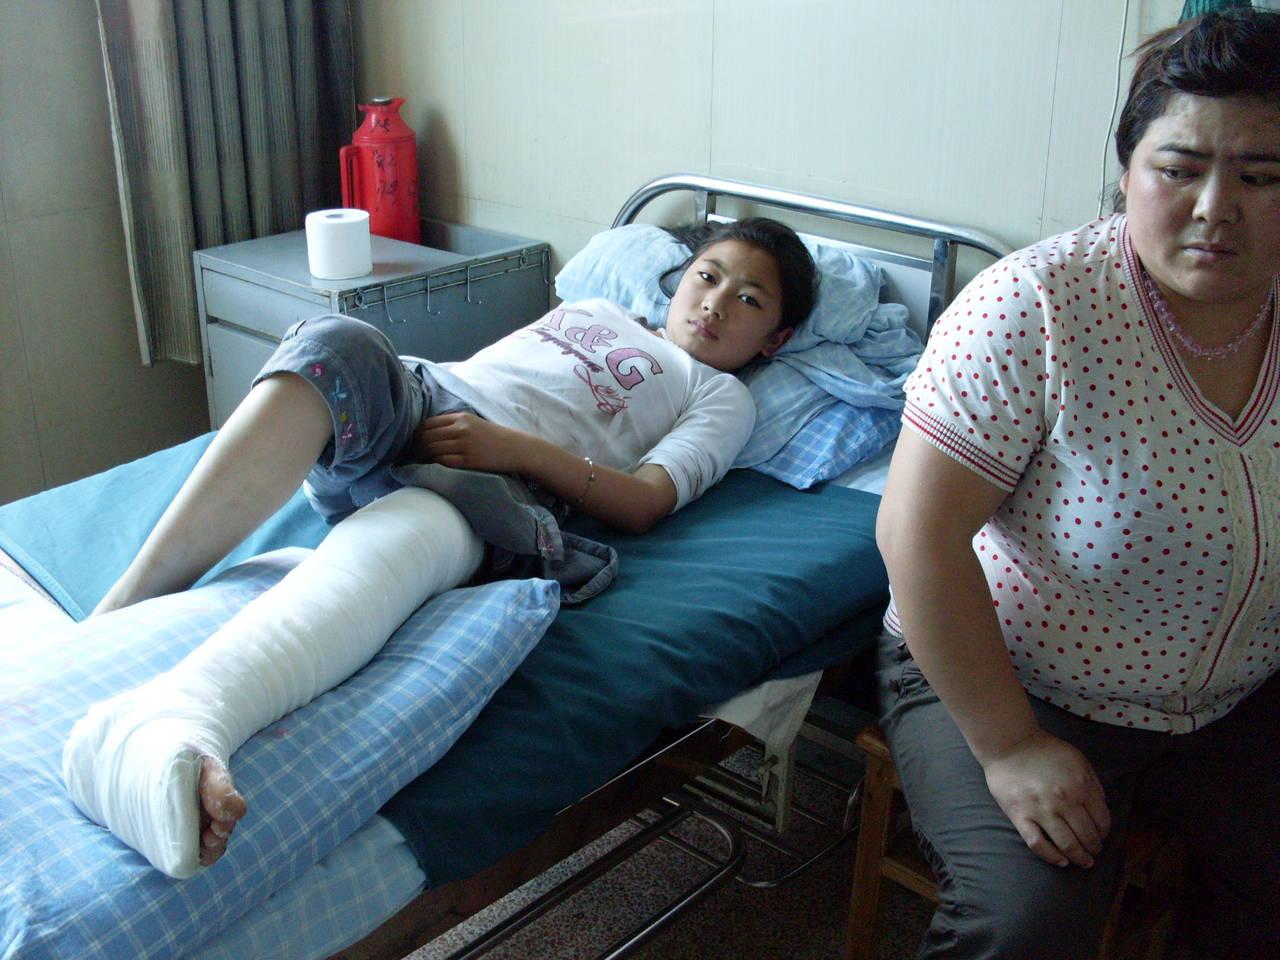 左腿因胫腓骨骨折而被扎了石膏绷带的义乌市廿三里李